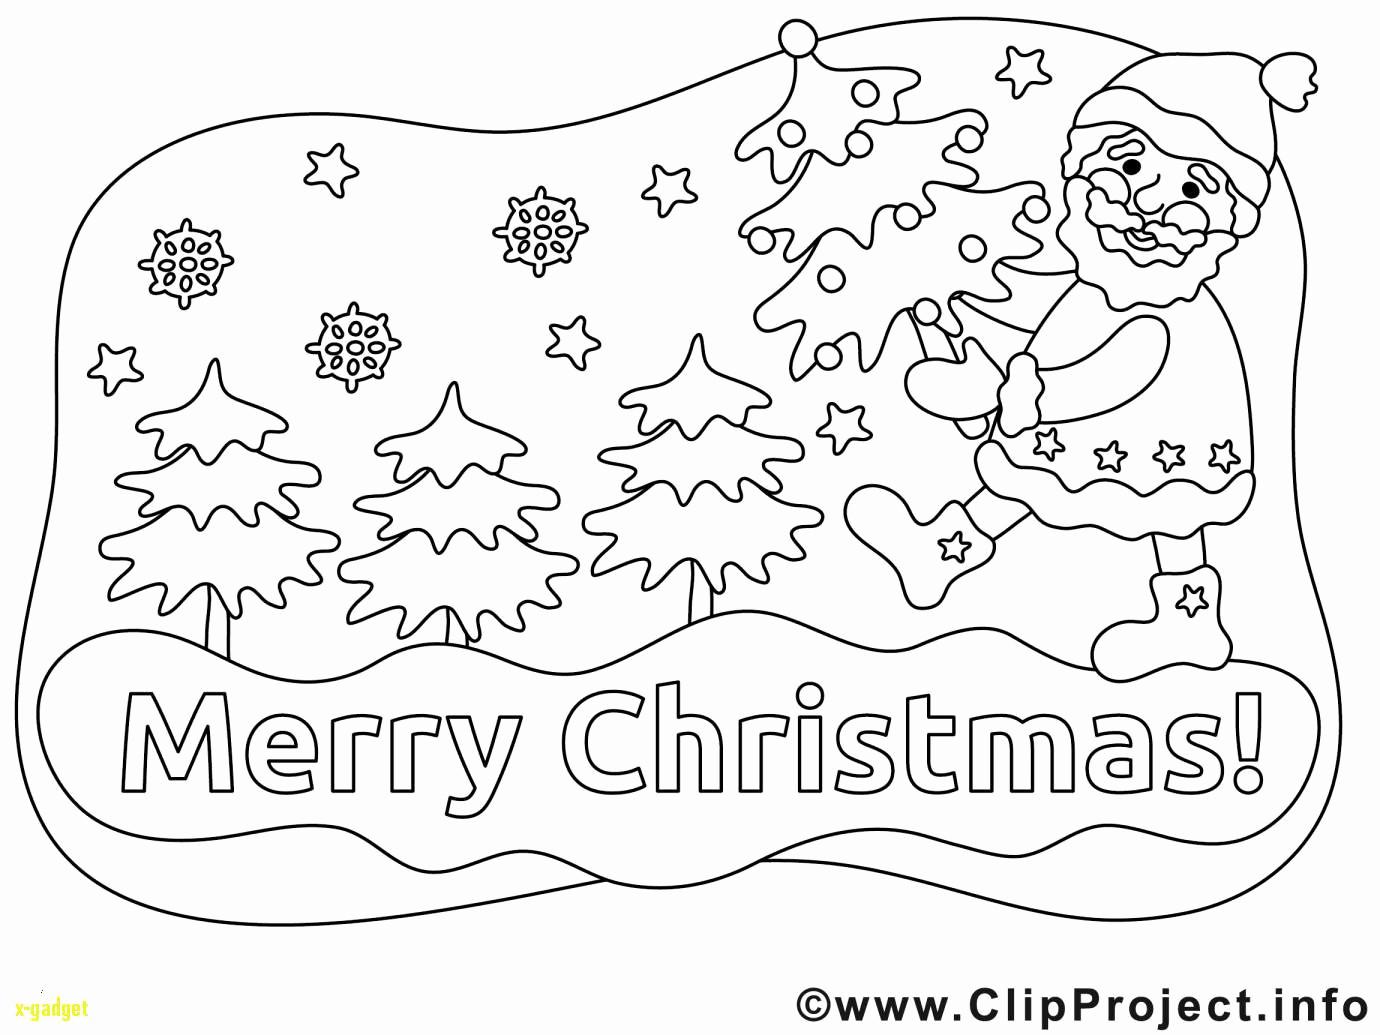 1001 Ausmalbilder Weihnachten Einzigartig Weihnachten Bilder Zum Ausmalen Best Malvorlage A Book Stock